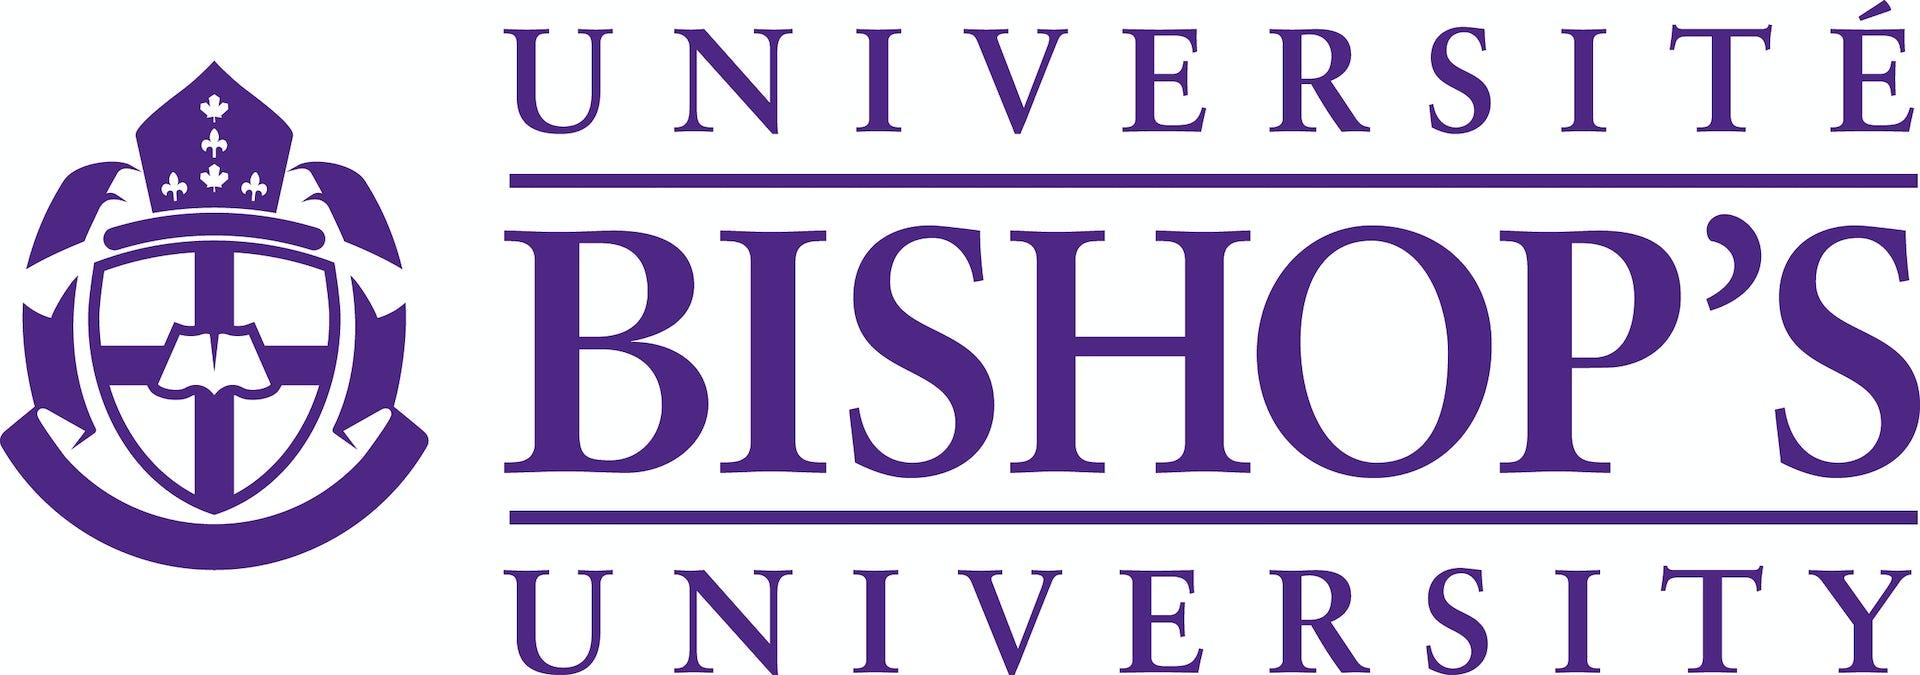 Logo 1522097554.jpg?ixlib=rb 1.1